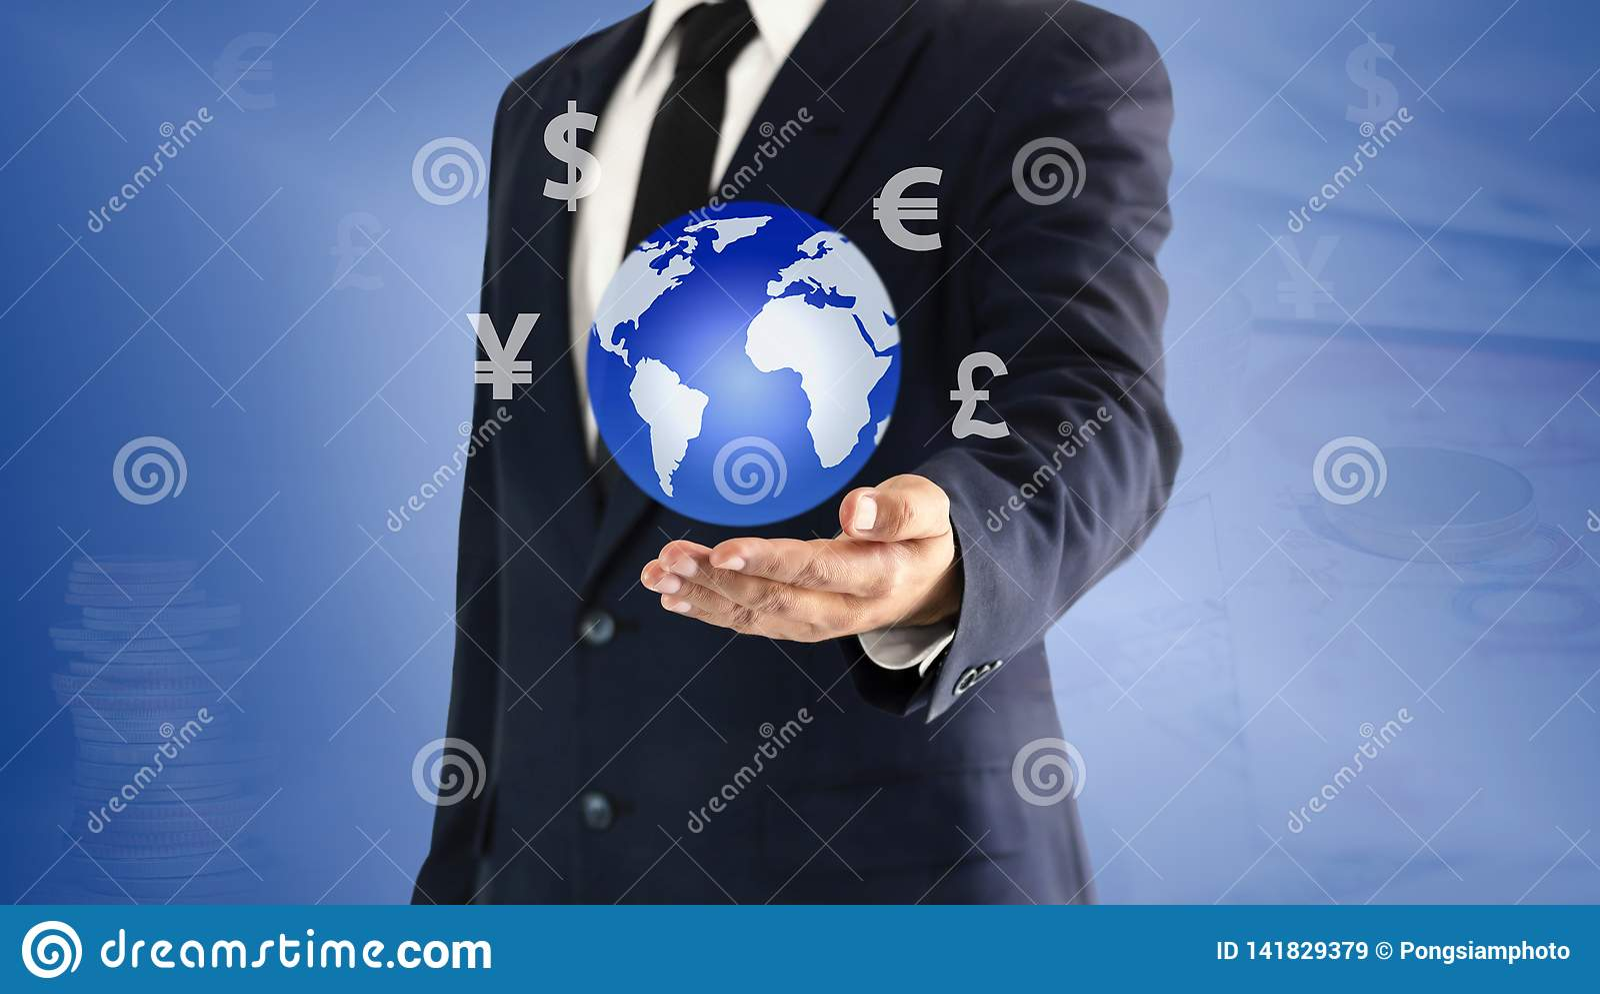 Hombre de negocios que toca el mundo y el icono de la moneda virtuales a mano El concepto del intercambio de moneda principal se